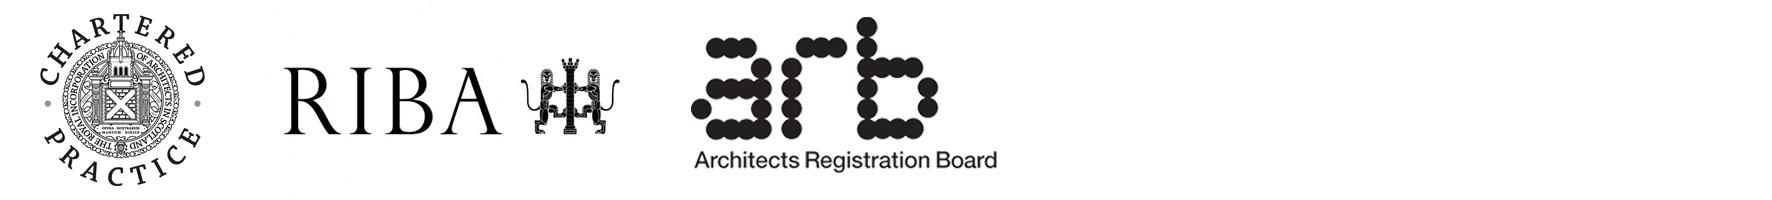 registration logos.jpg